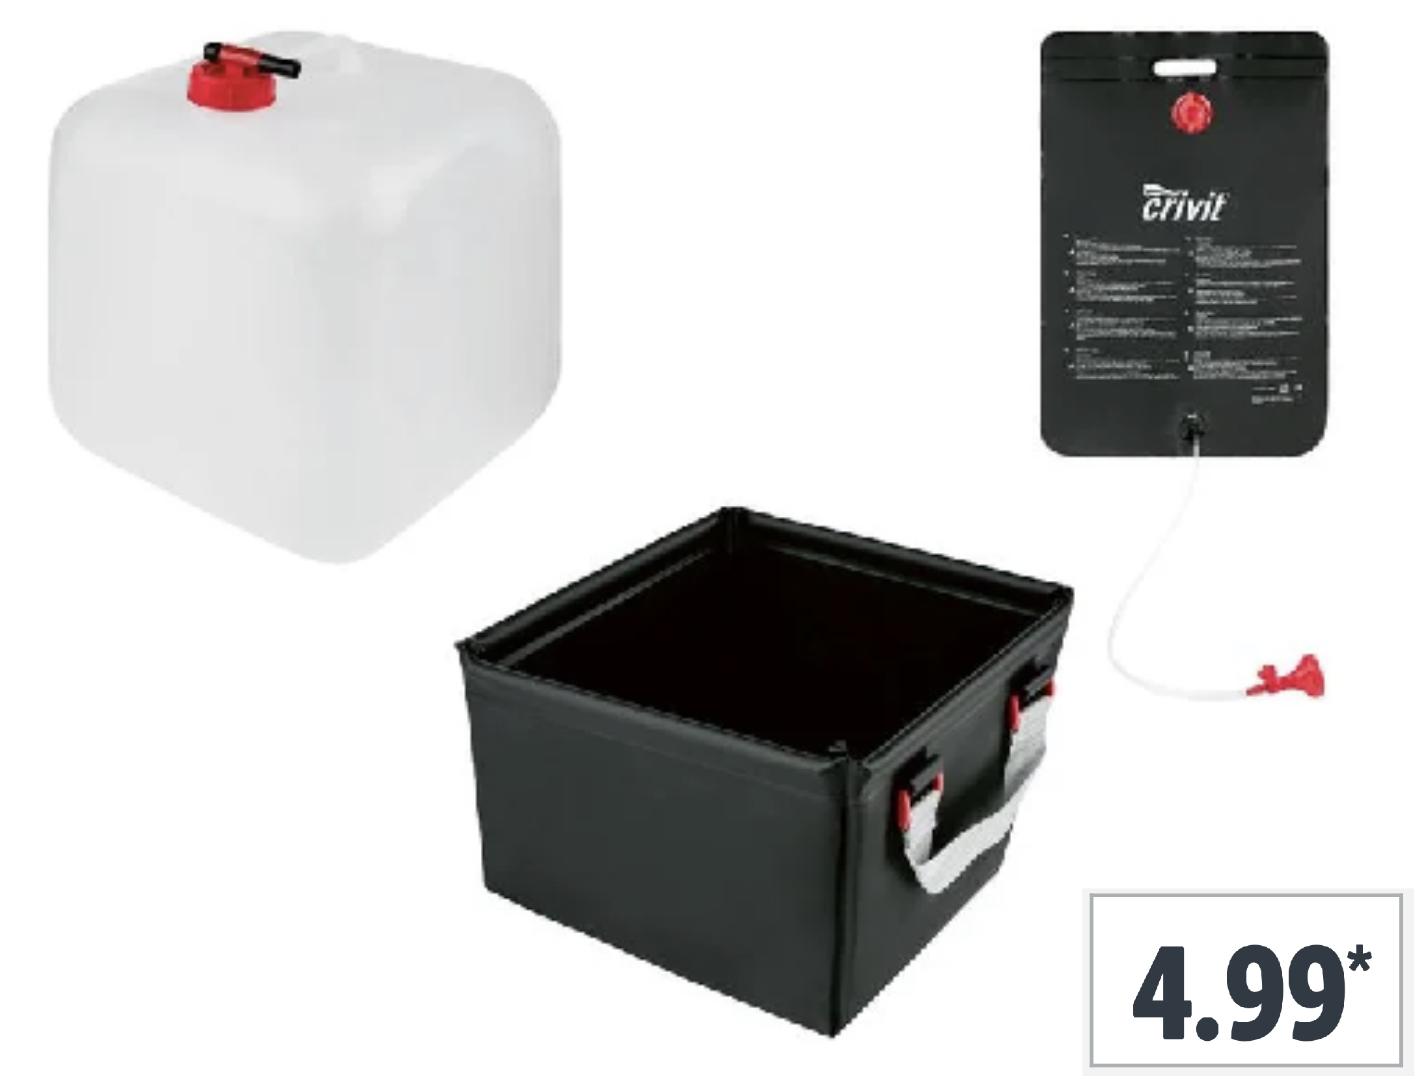 Faltbarer Wasserkanister 20 Liter / Campingspüle 10 Liter / Campingdusche 25 Liter für je 4,99€ usw.